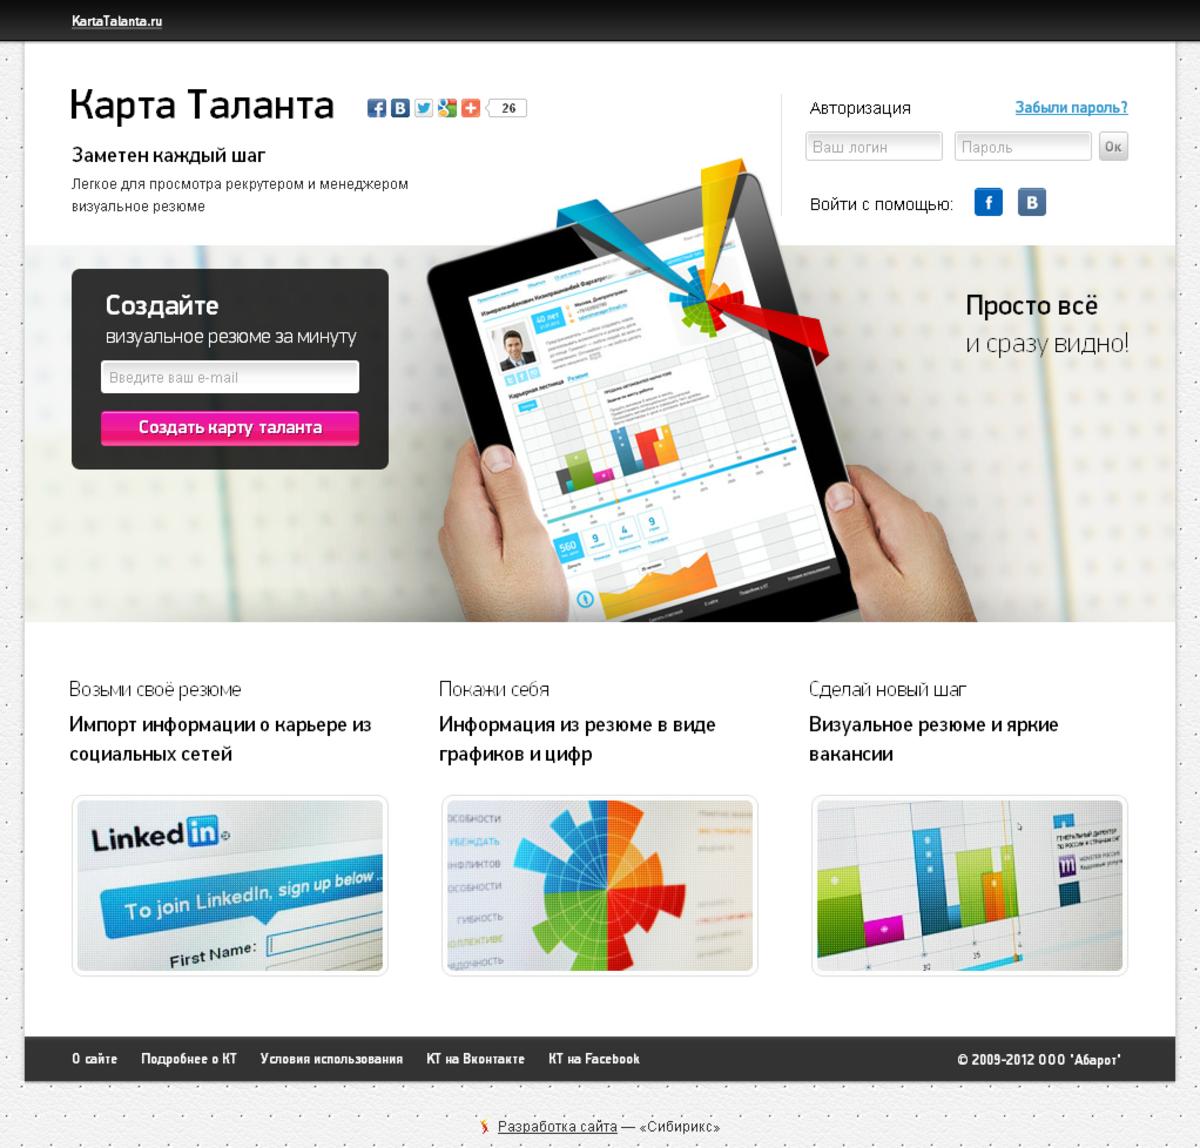 Карта таланта — визуализатор резюме / Проект компании Сибирикс, scrum-студия